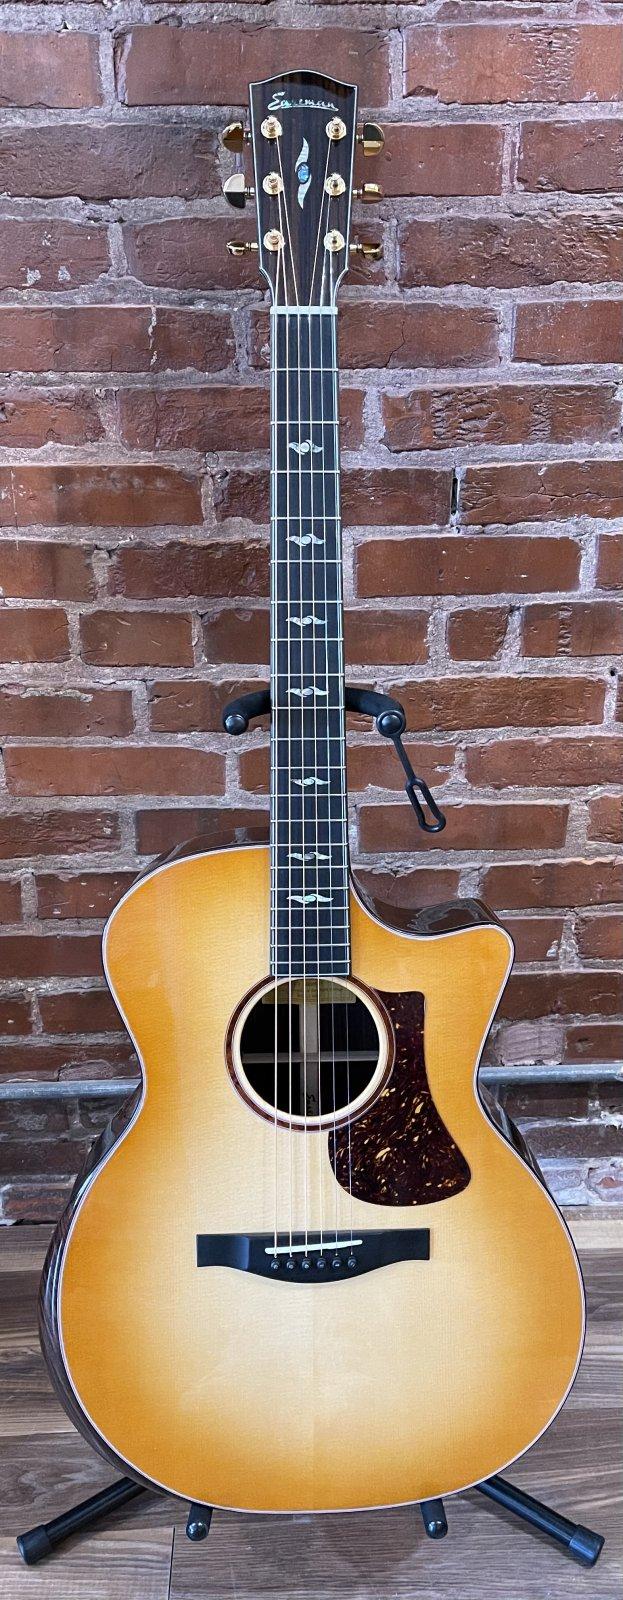 Eastman AC722CE-DF Acoustic Guitar